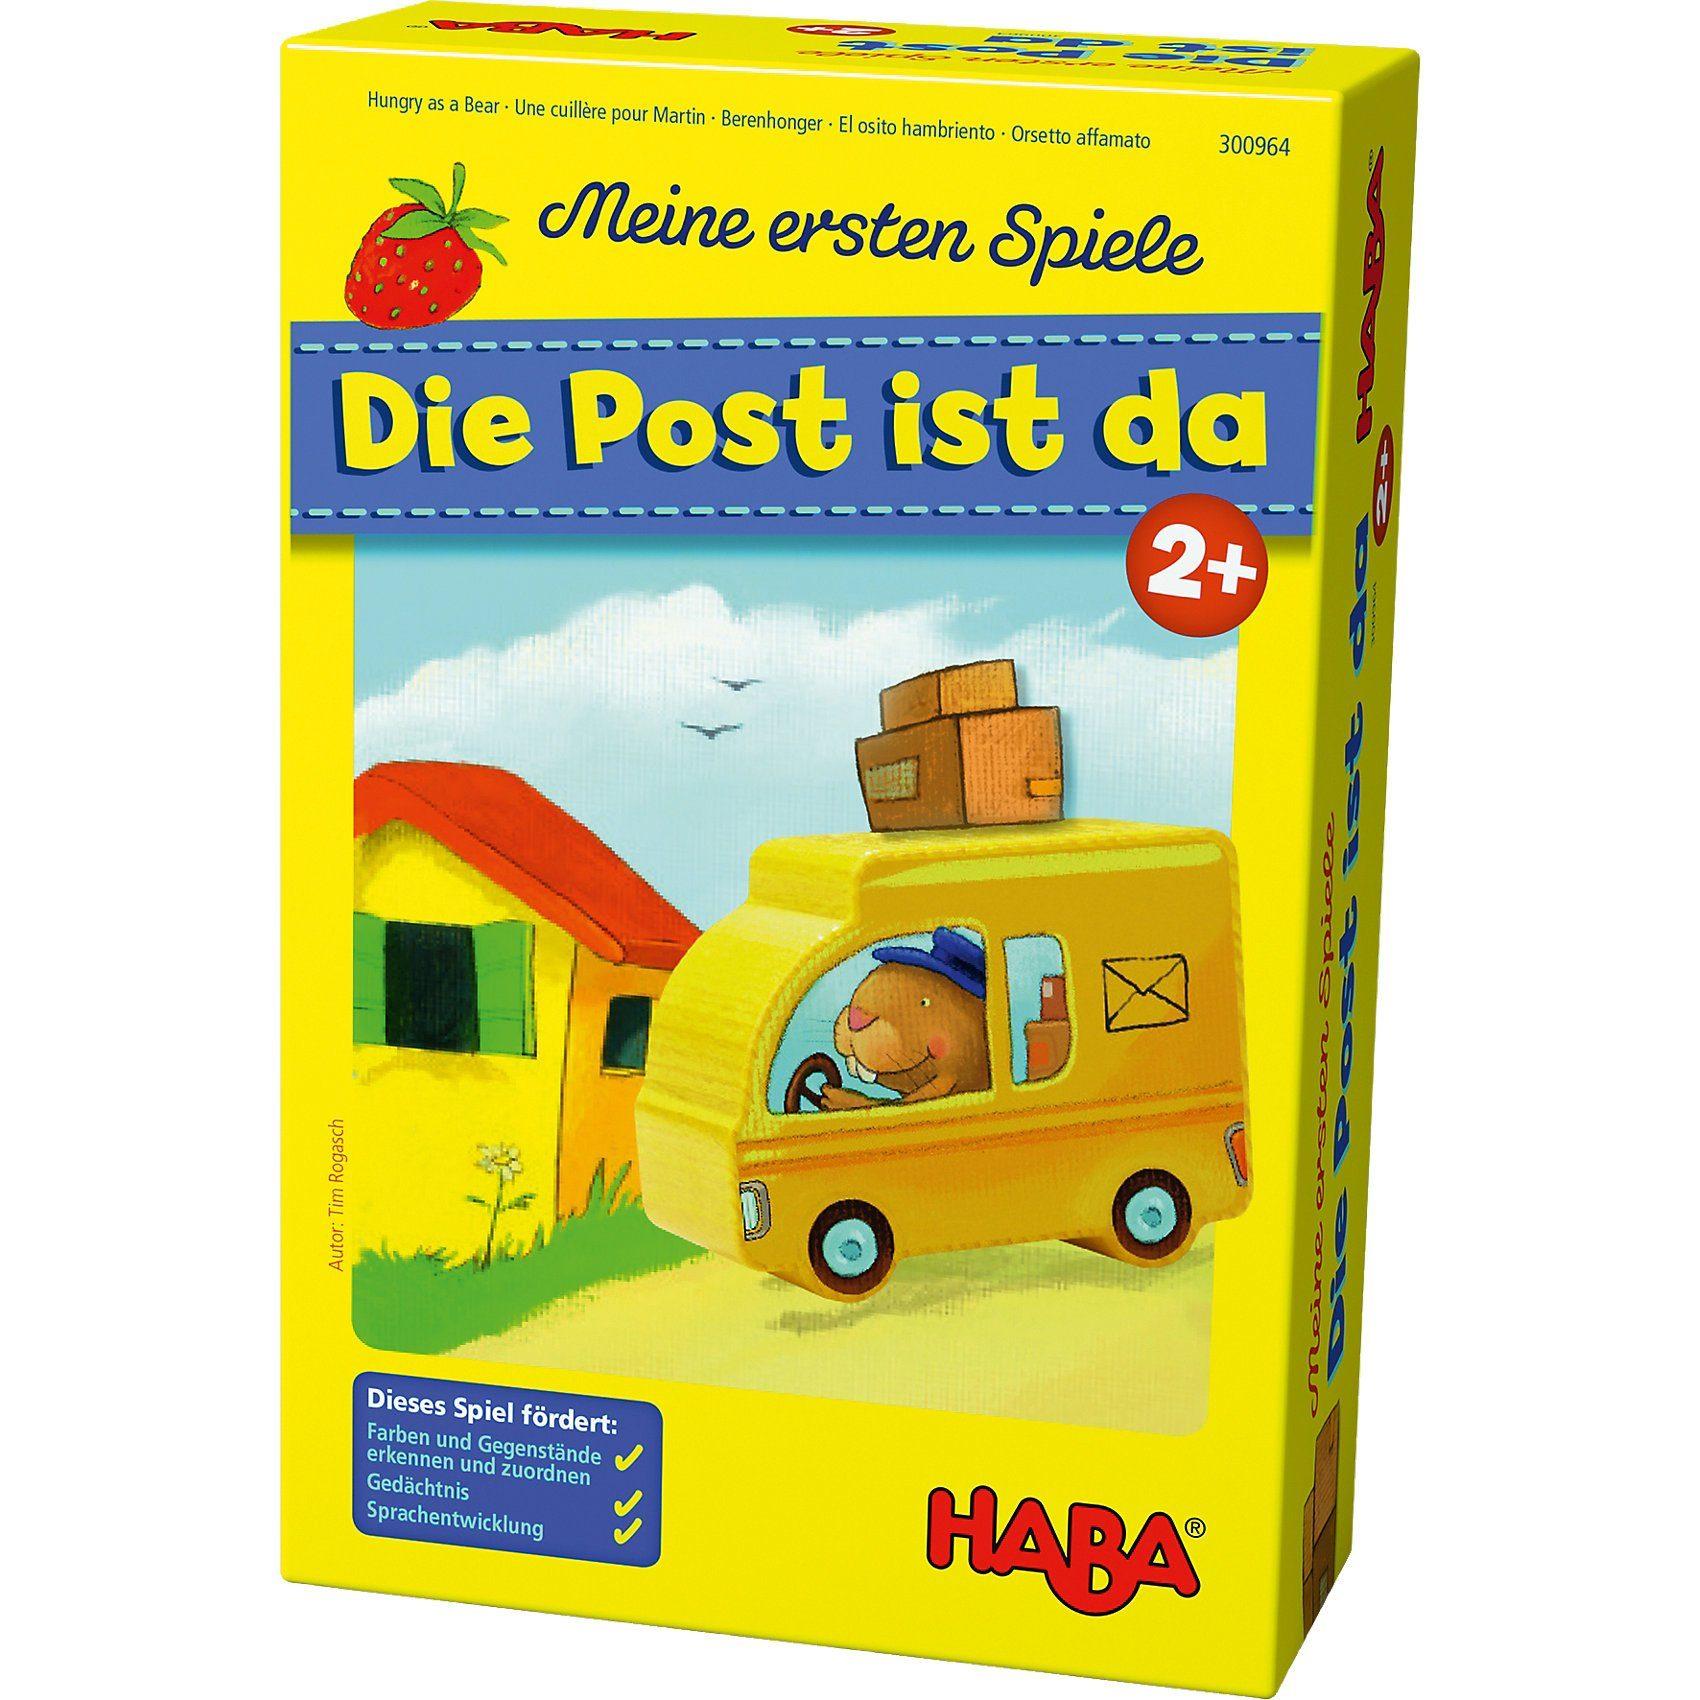 Haba Meine ersten Spiele - Die Post ist da